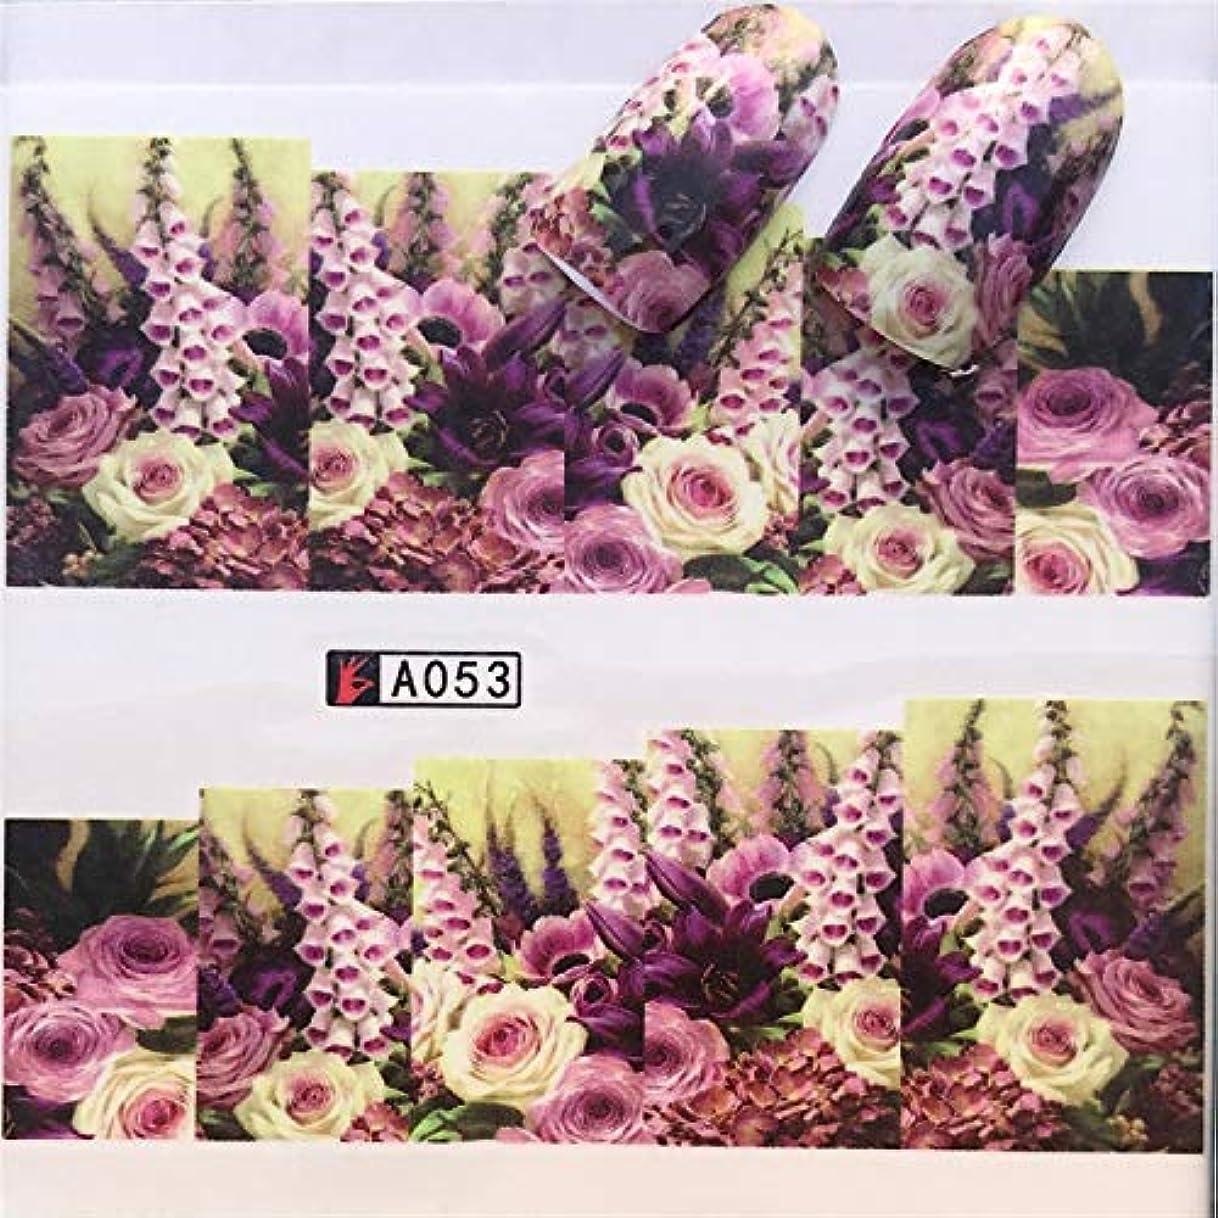 準拠サイズ集計手足ビューティーケア 3個ネイルステッカーセットデカール水転写スライダーネイルアートデコレーション、色:YZWA053